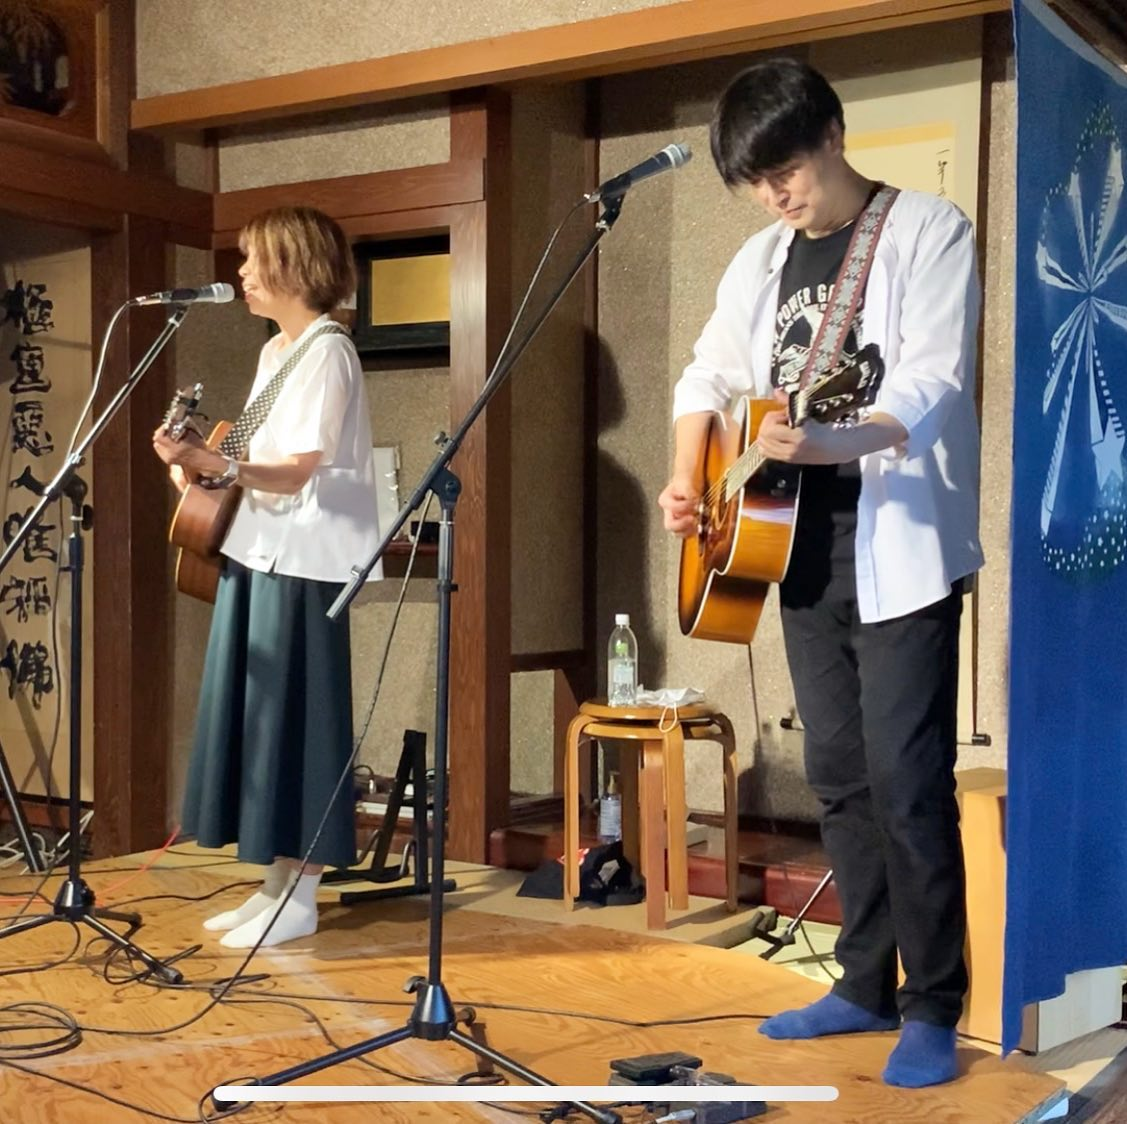 昨日ワラシカフェで開催された「Yoshino & Masae」さんをお迎えしたライブに急遽代打出演させて頂きました。不安な時期にもかかわらず、お越しいただいて、心から感謝ですいろいろやらかしてしまいましたが、楽しい時間でした。ありがとうございました